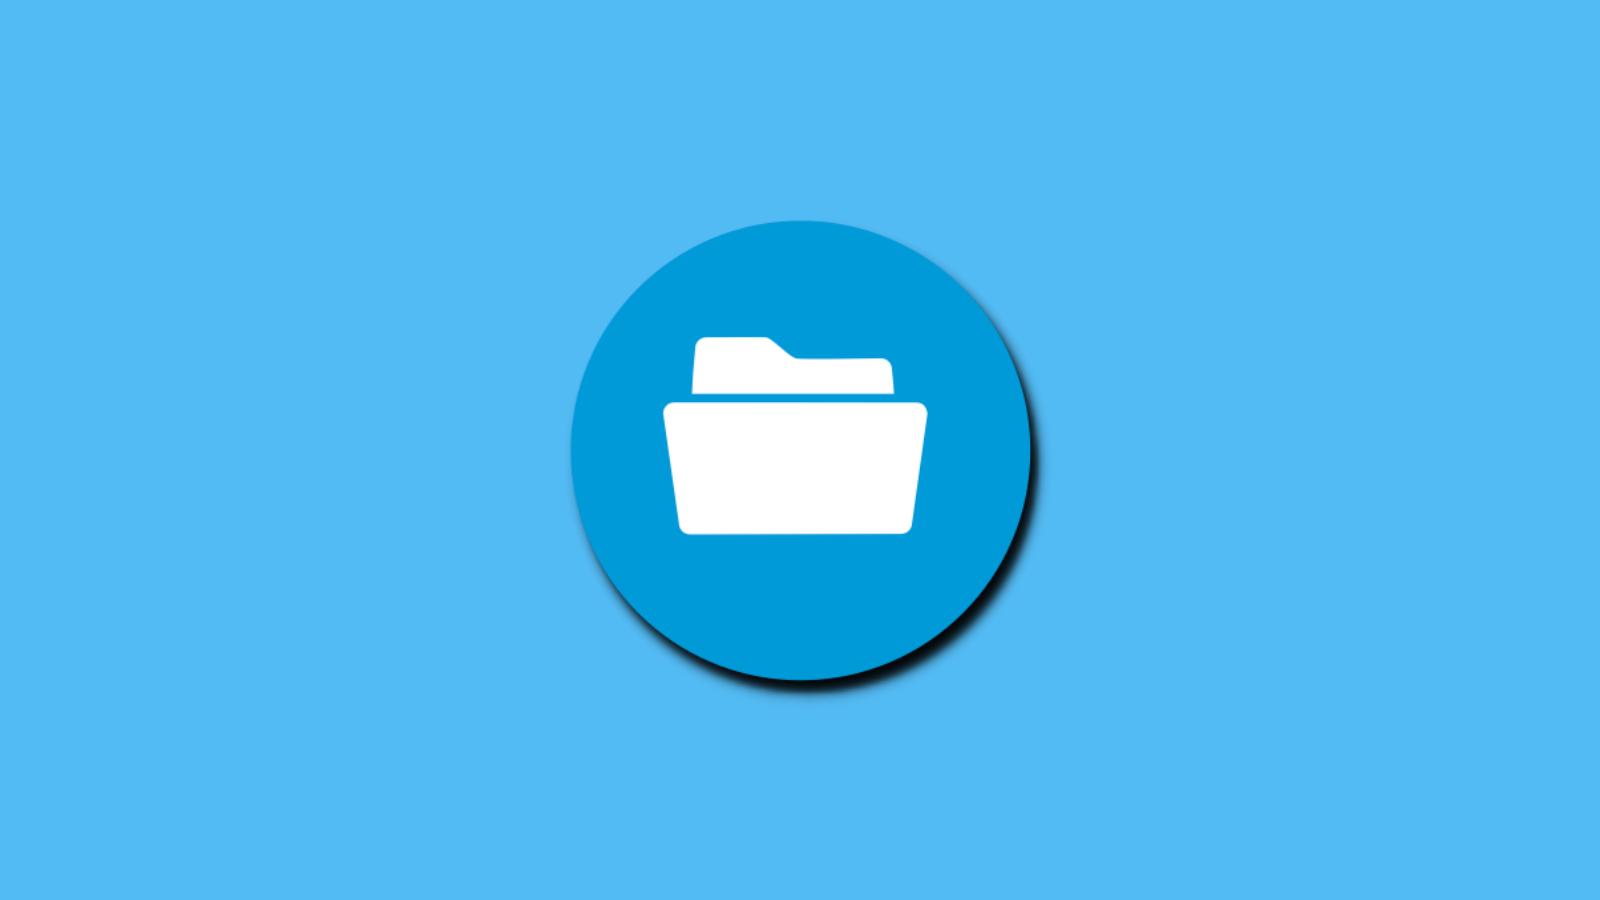 간단하게 네이버 블로그 동영상 다운로드하는 방법 3